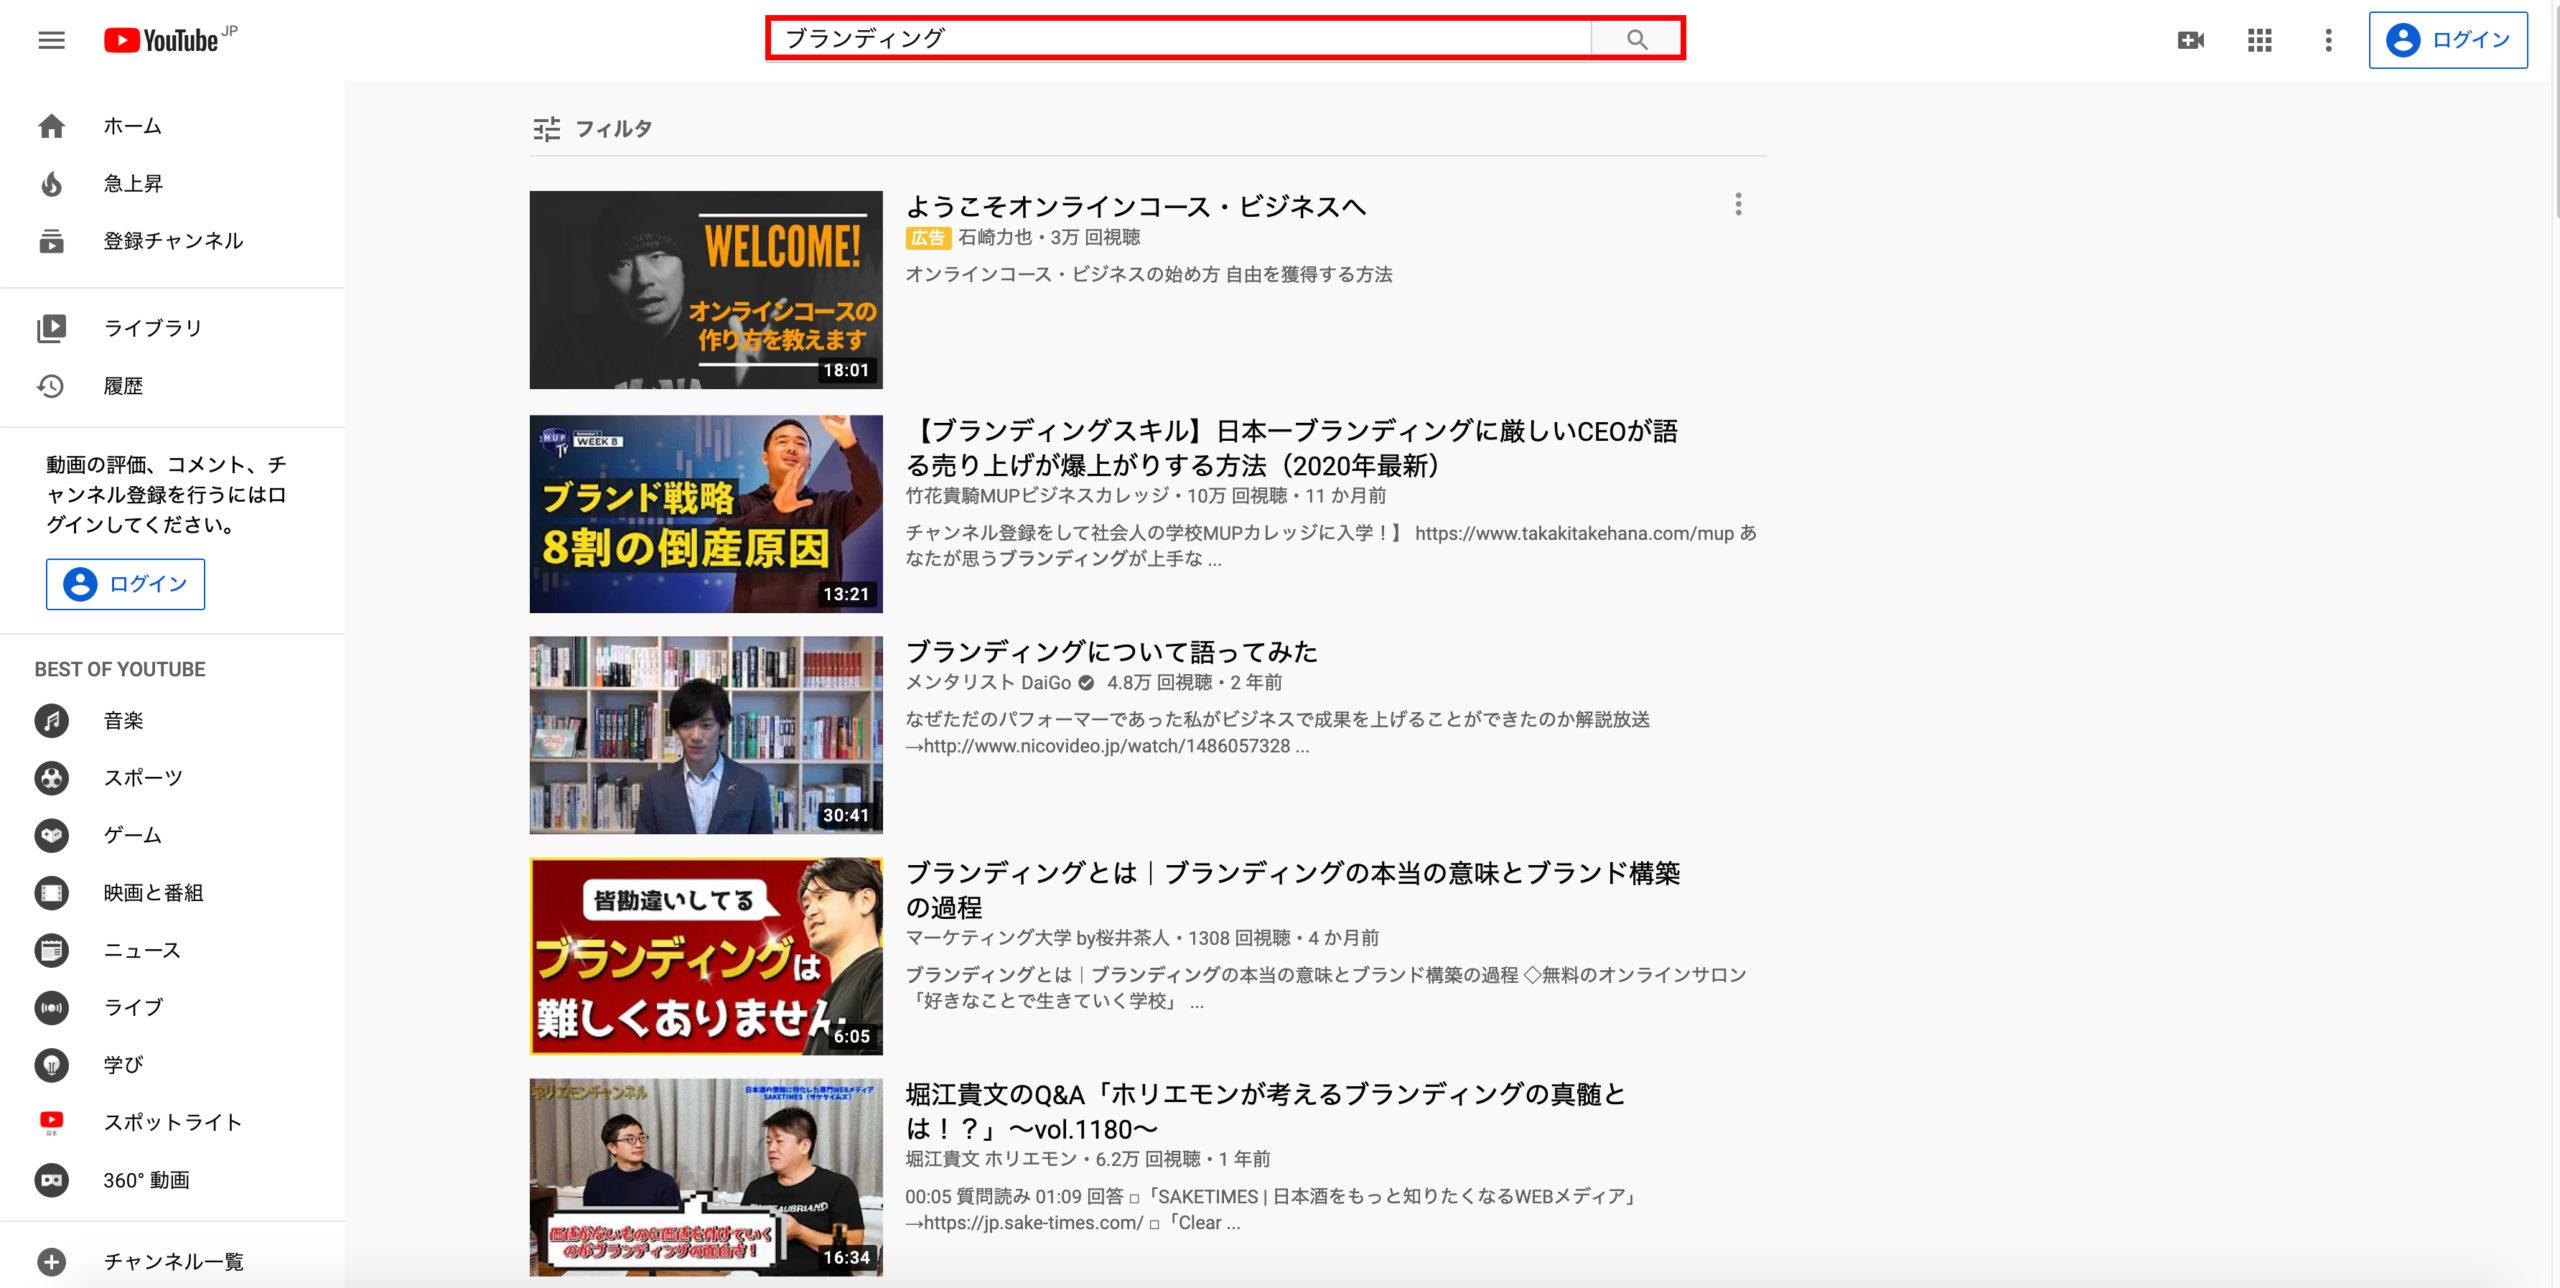 Youtubeの検索結果